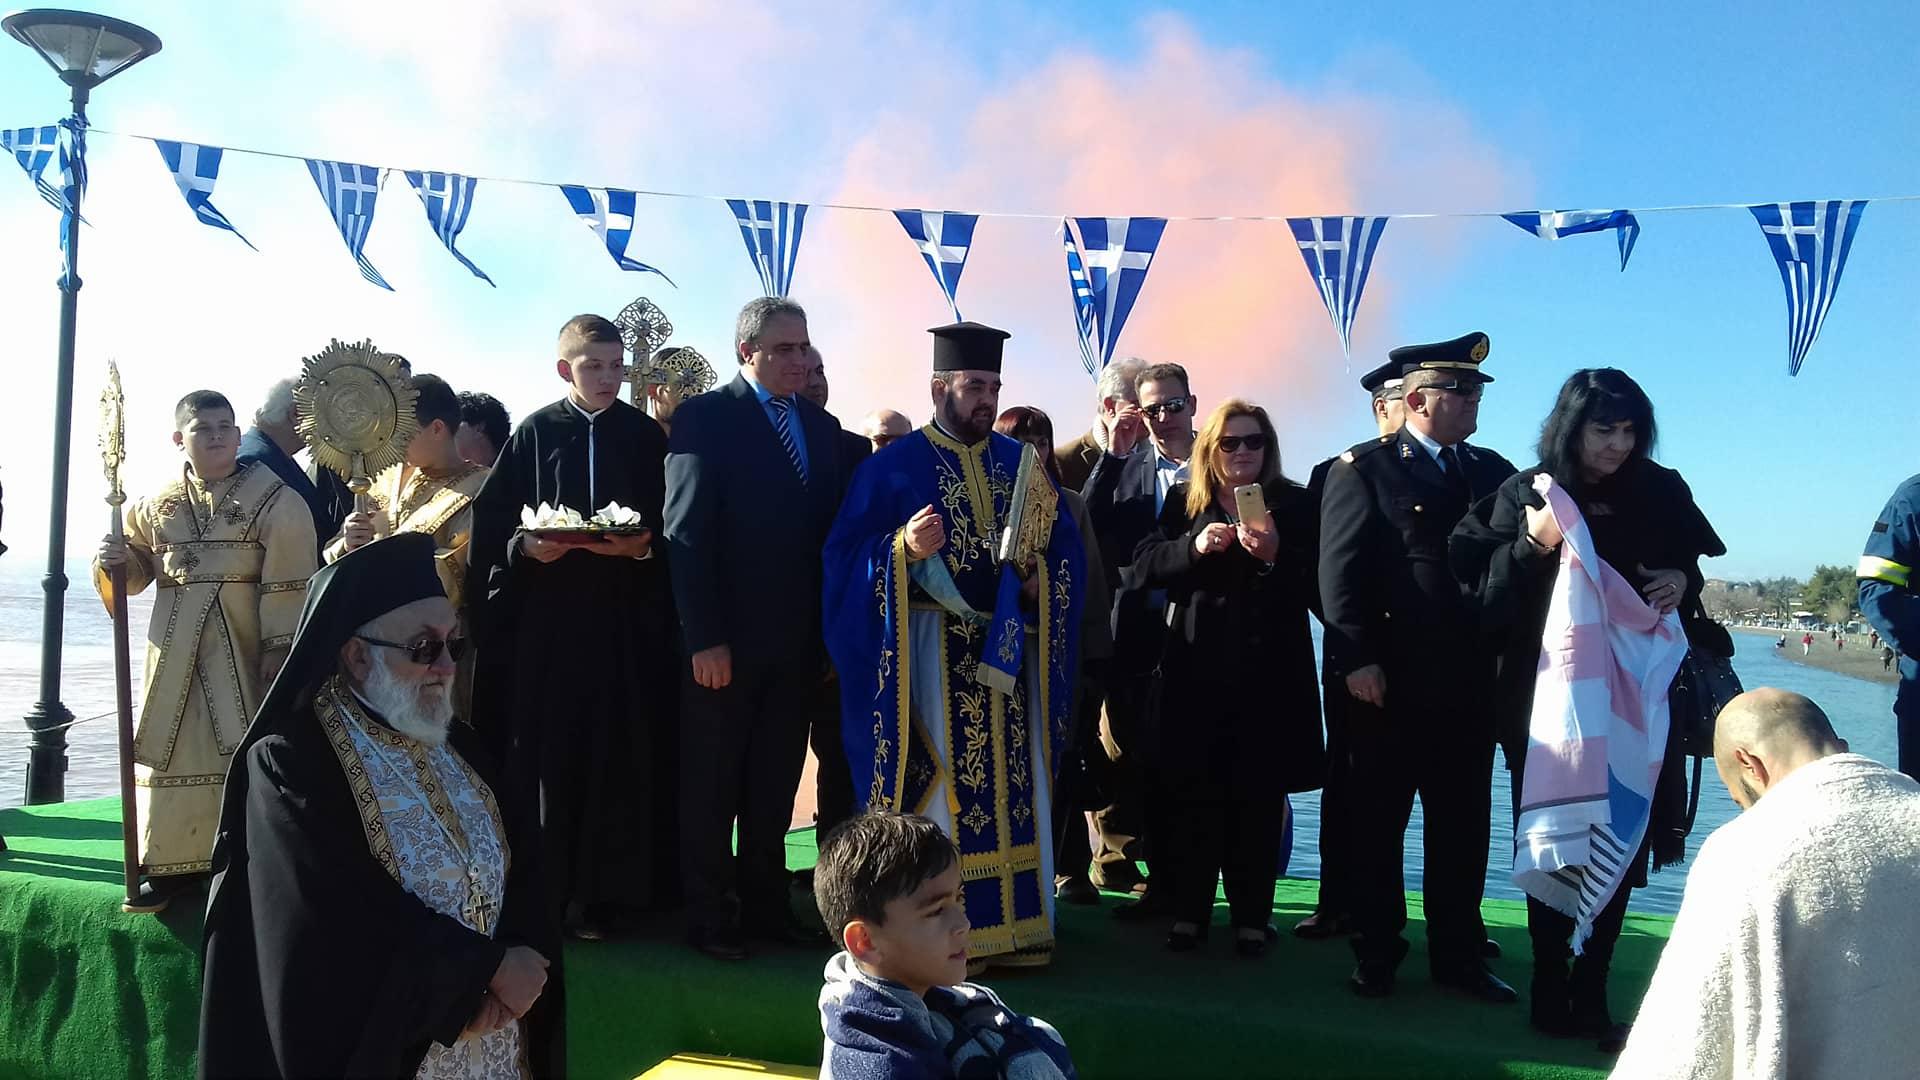 Πολιτικά: Ο Κώστας Καρατζάς έπιασε τον Τίμιο Σταυρό στα φετινά Θεοφάνεια  (φωτογραφίες-video) 26693137 2048584991819146 4649585 o